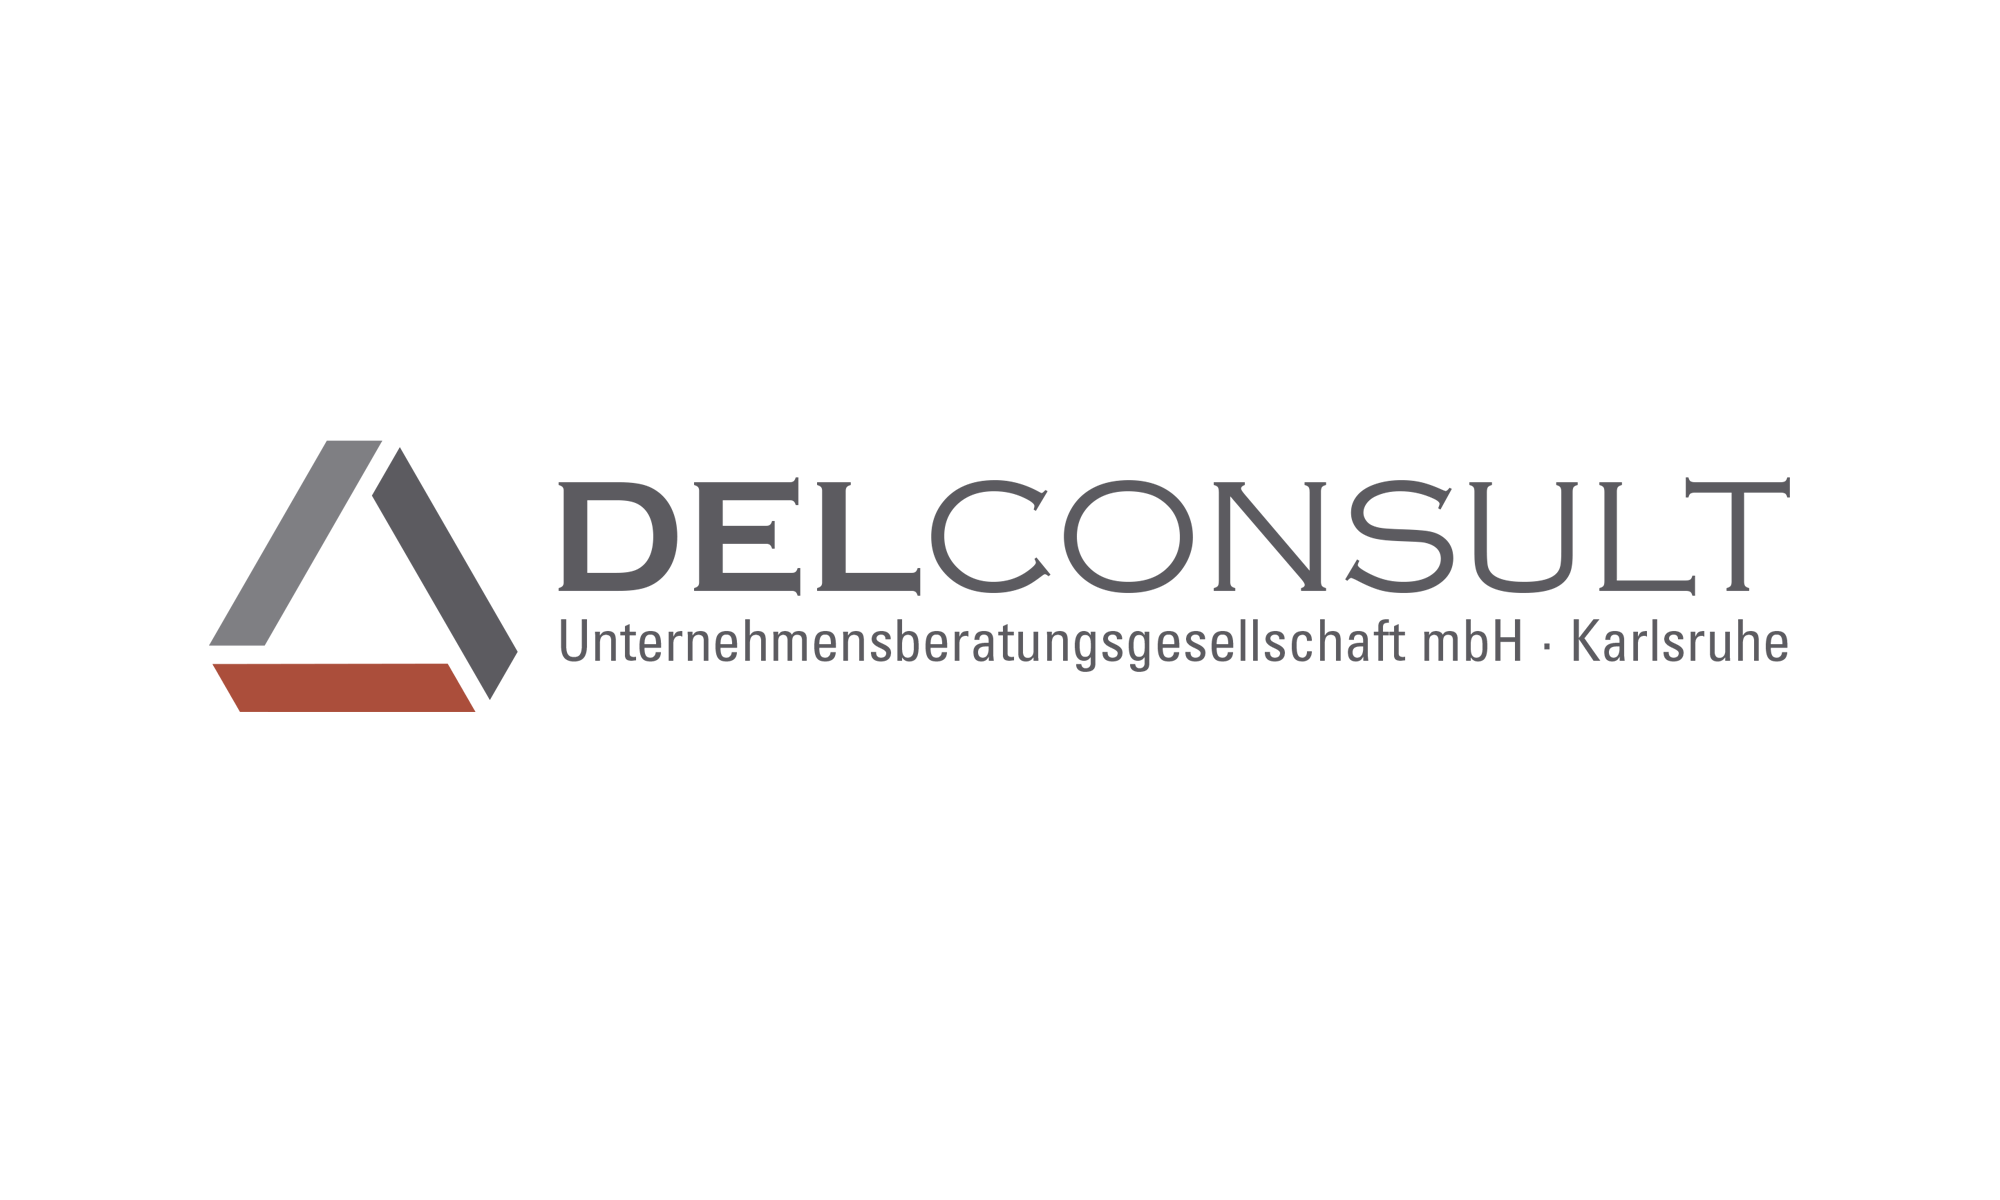 www.delconsult.de DELConsult Unternehmensberatungsgesellschaft mbH